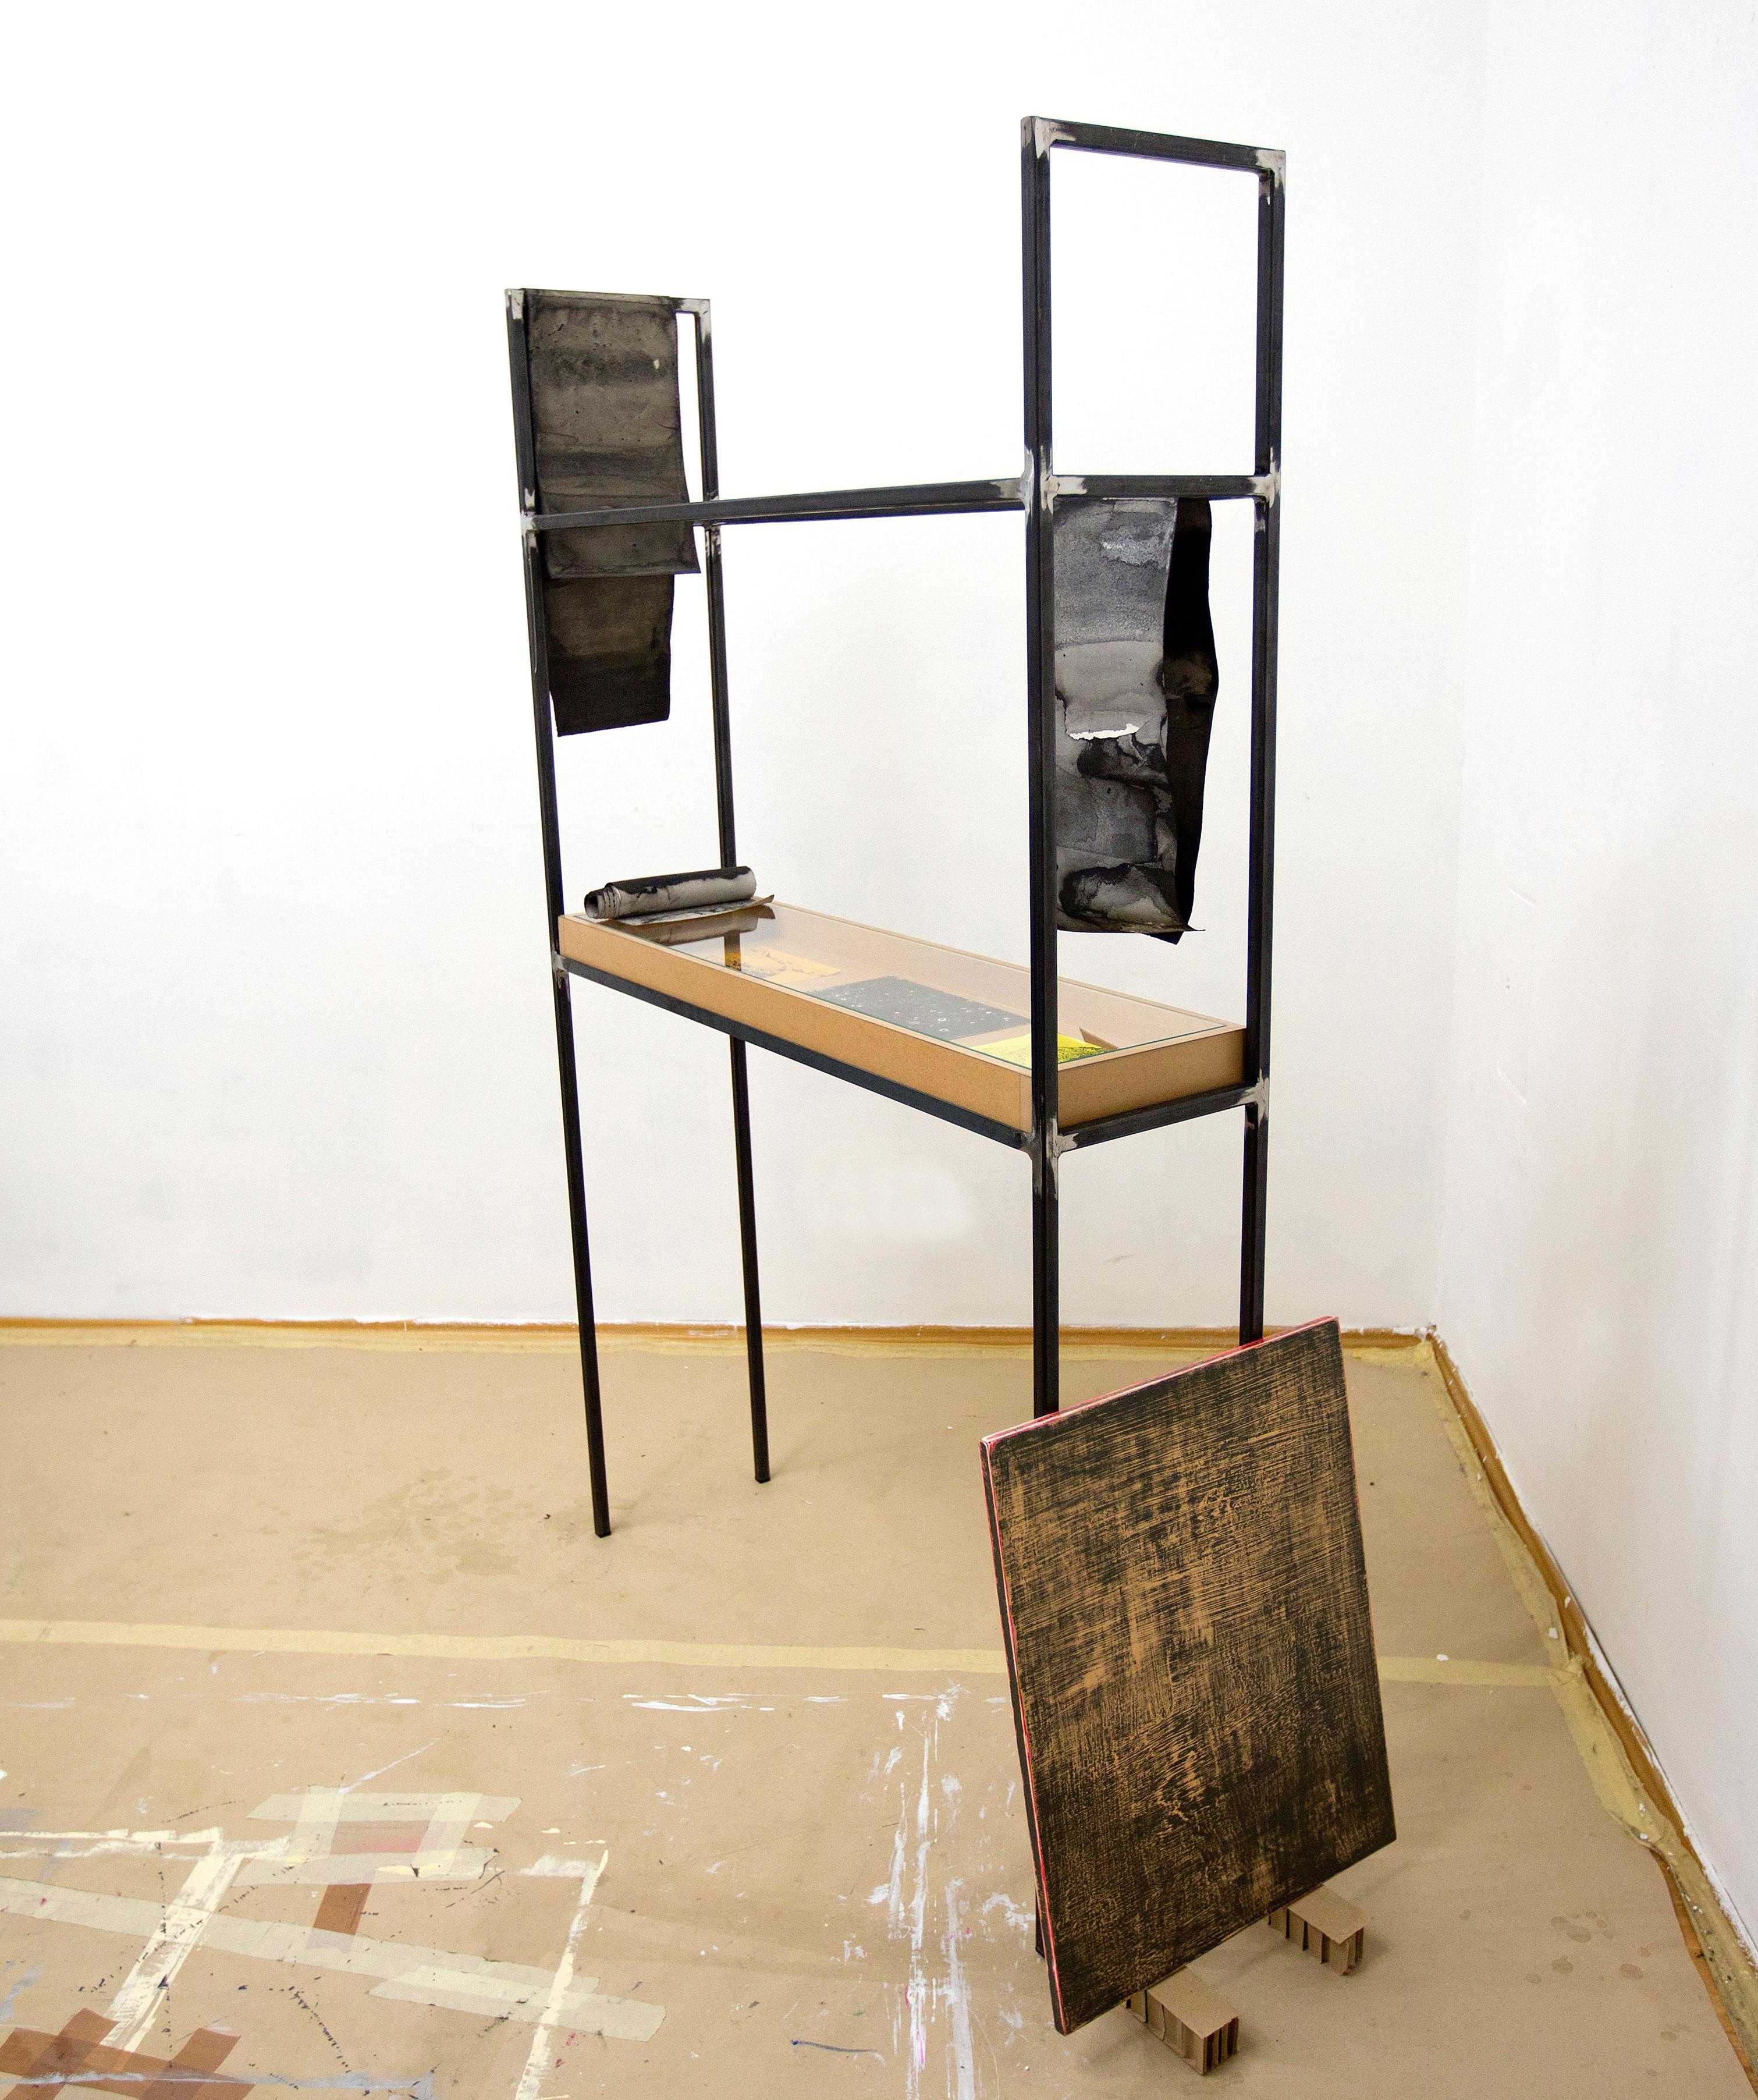 """""""deep hidden in the windy sand"""" Aquarell, Kohle, Bleistift und Acryl auf Papier, Acryl auf MDF, Stahl, MDF und Glas 180 x 110 x 50 cm (Foto Jasha Greenberg)"""